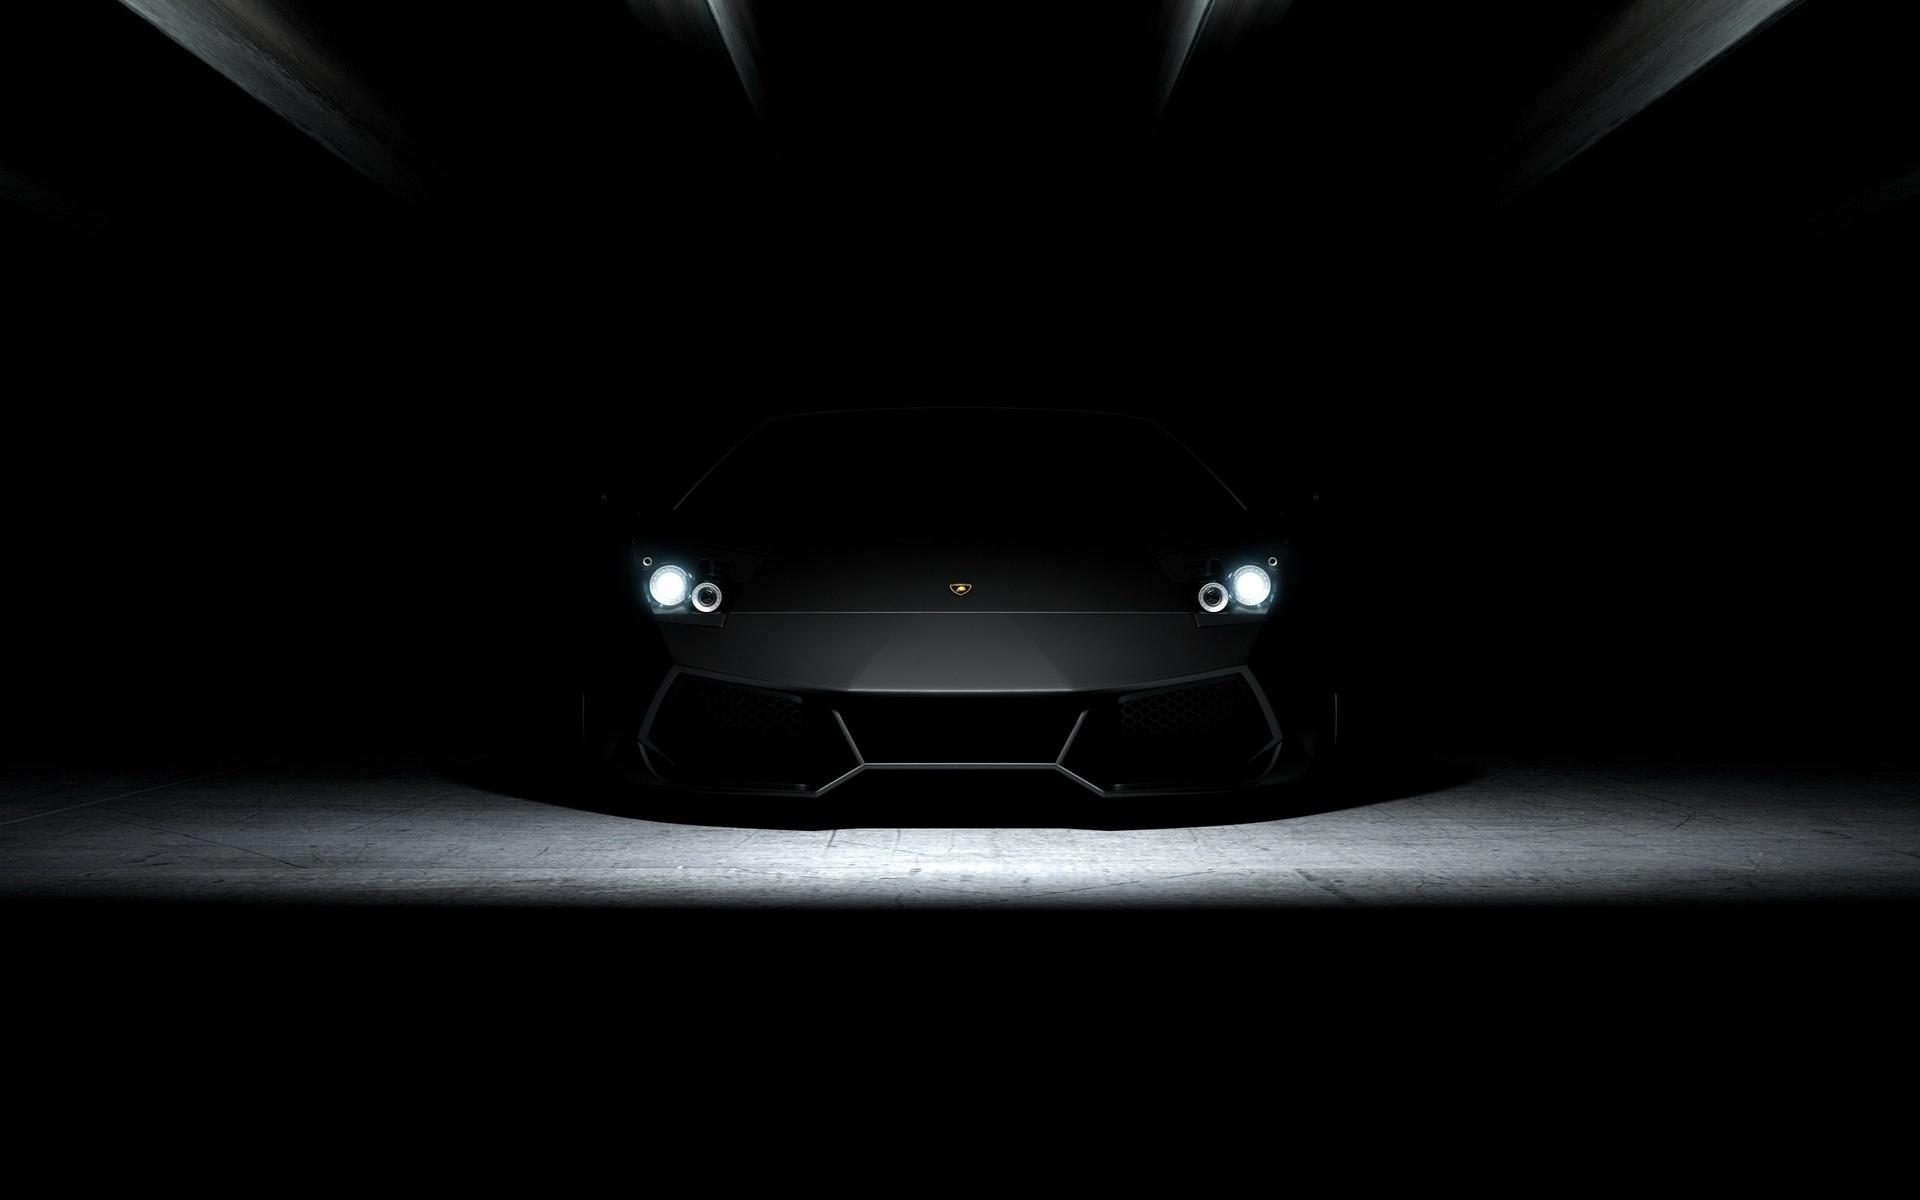 Darleen & Gregg Lamborghini BLK